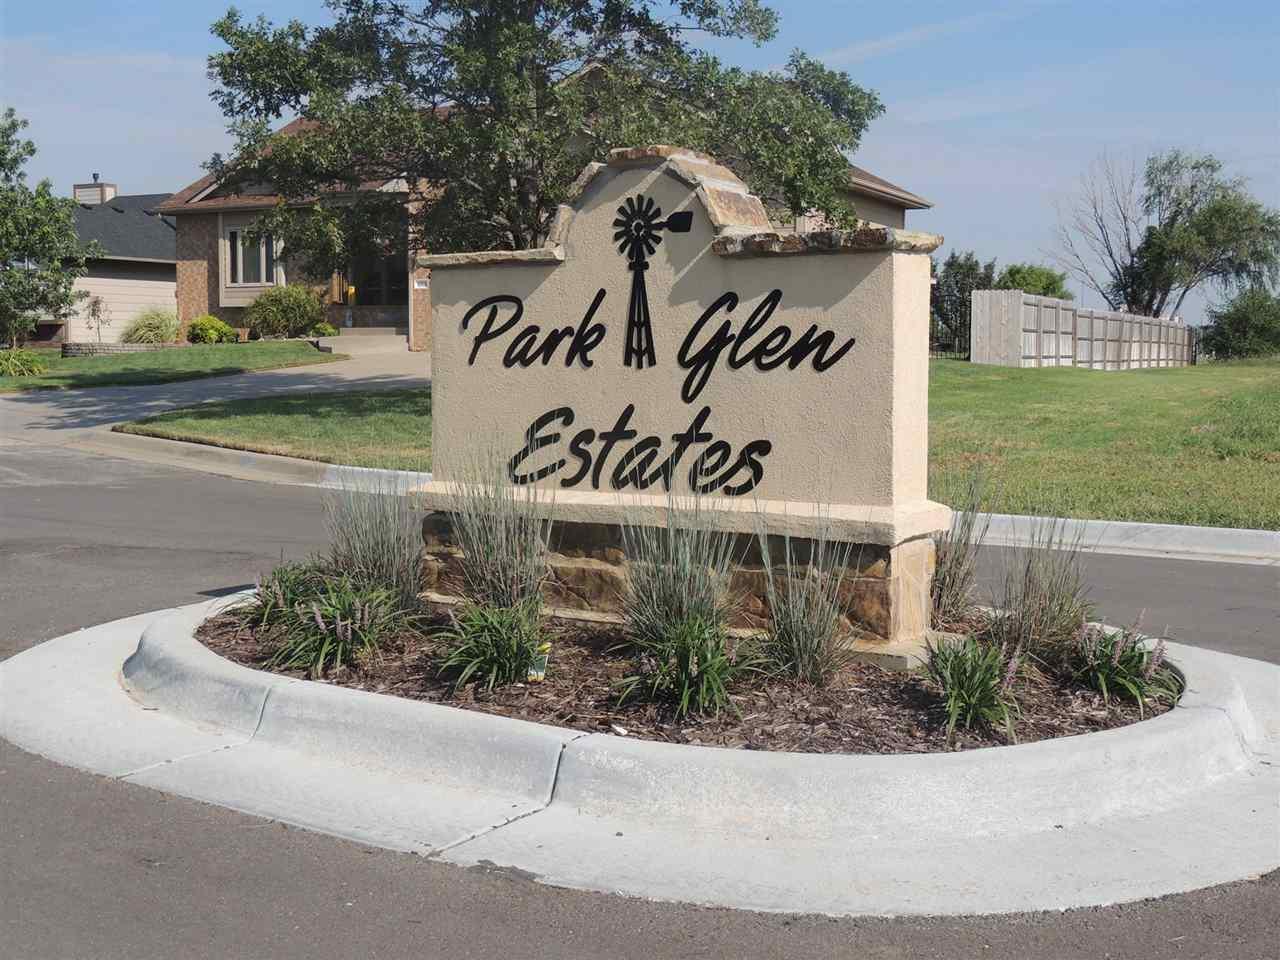 1108 E PARK GLEN ST, Clearwater, KS 67026